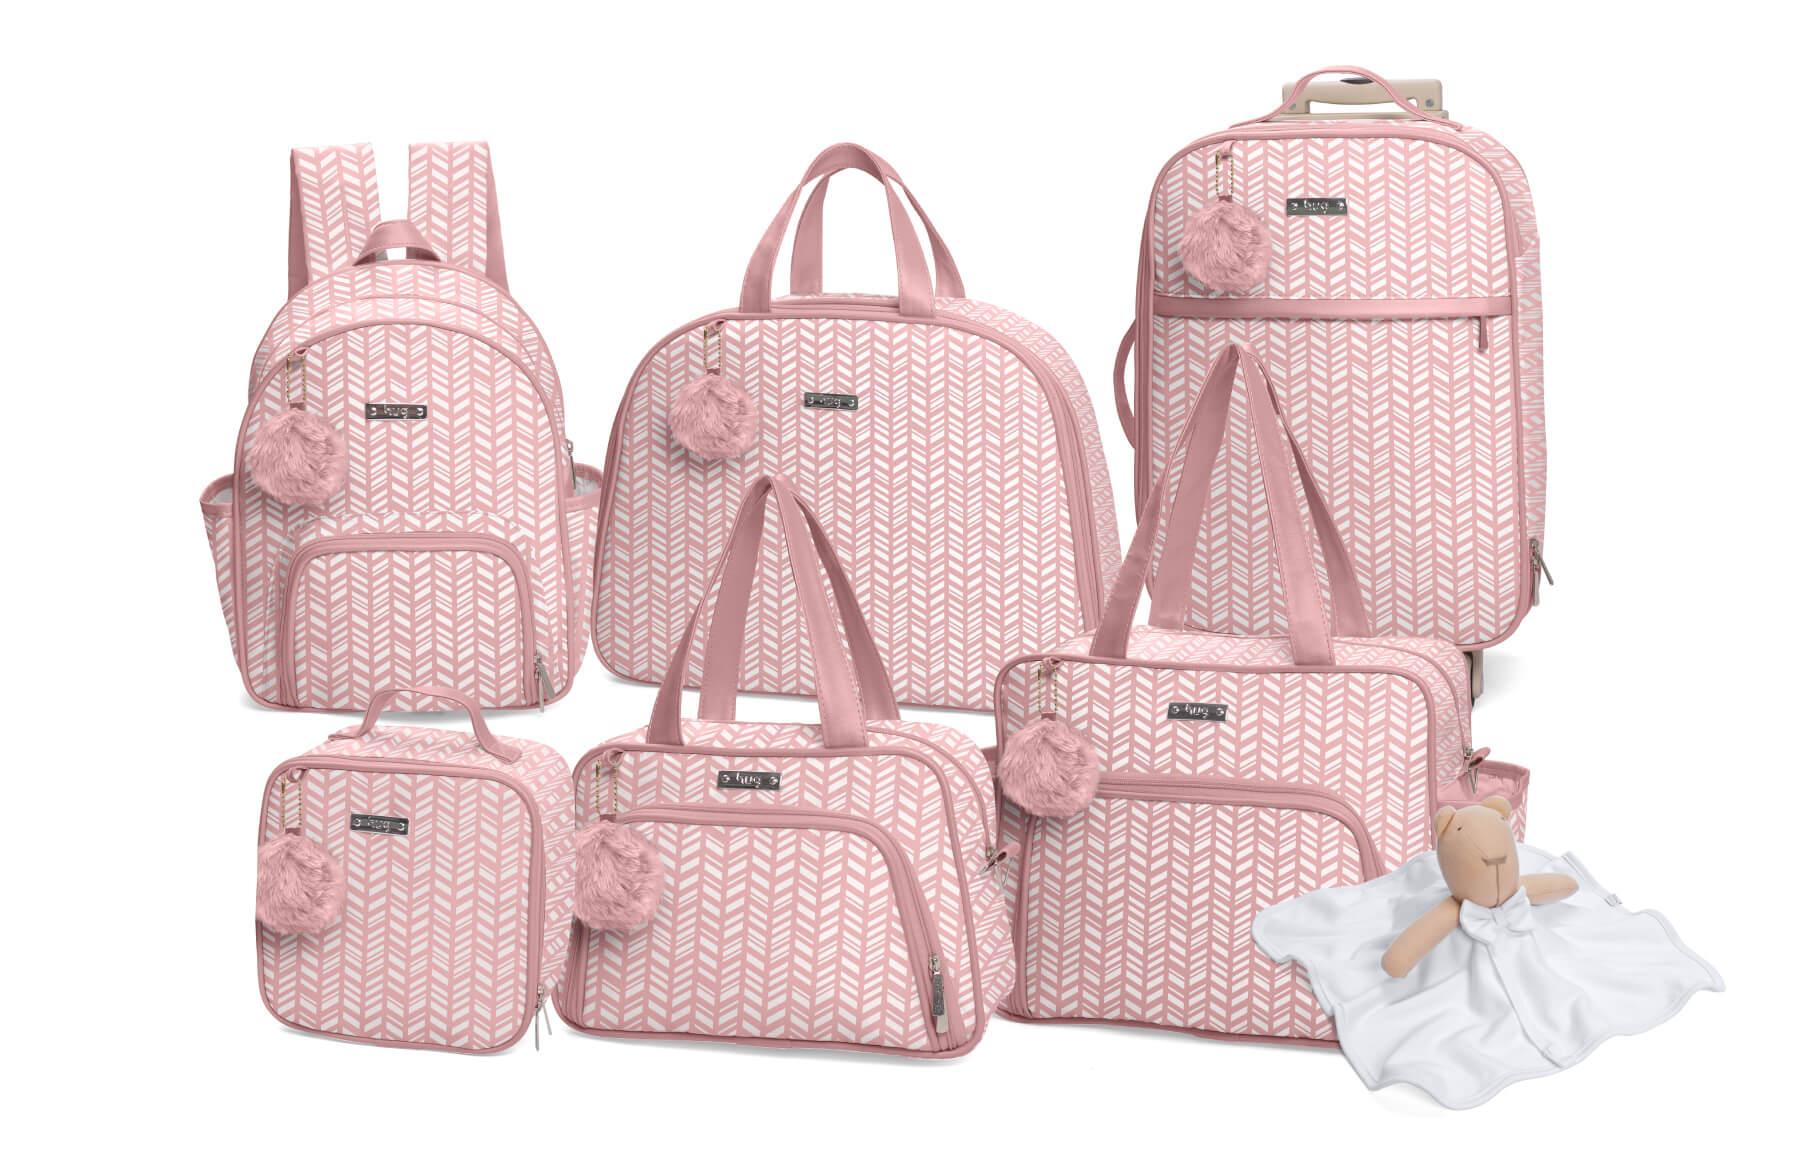 Kit de bolsas 6 peças linha Marrocos cor rosa + 1 NANINHA GRÁTIS